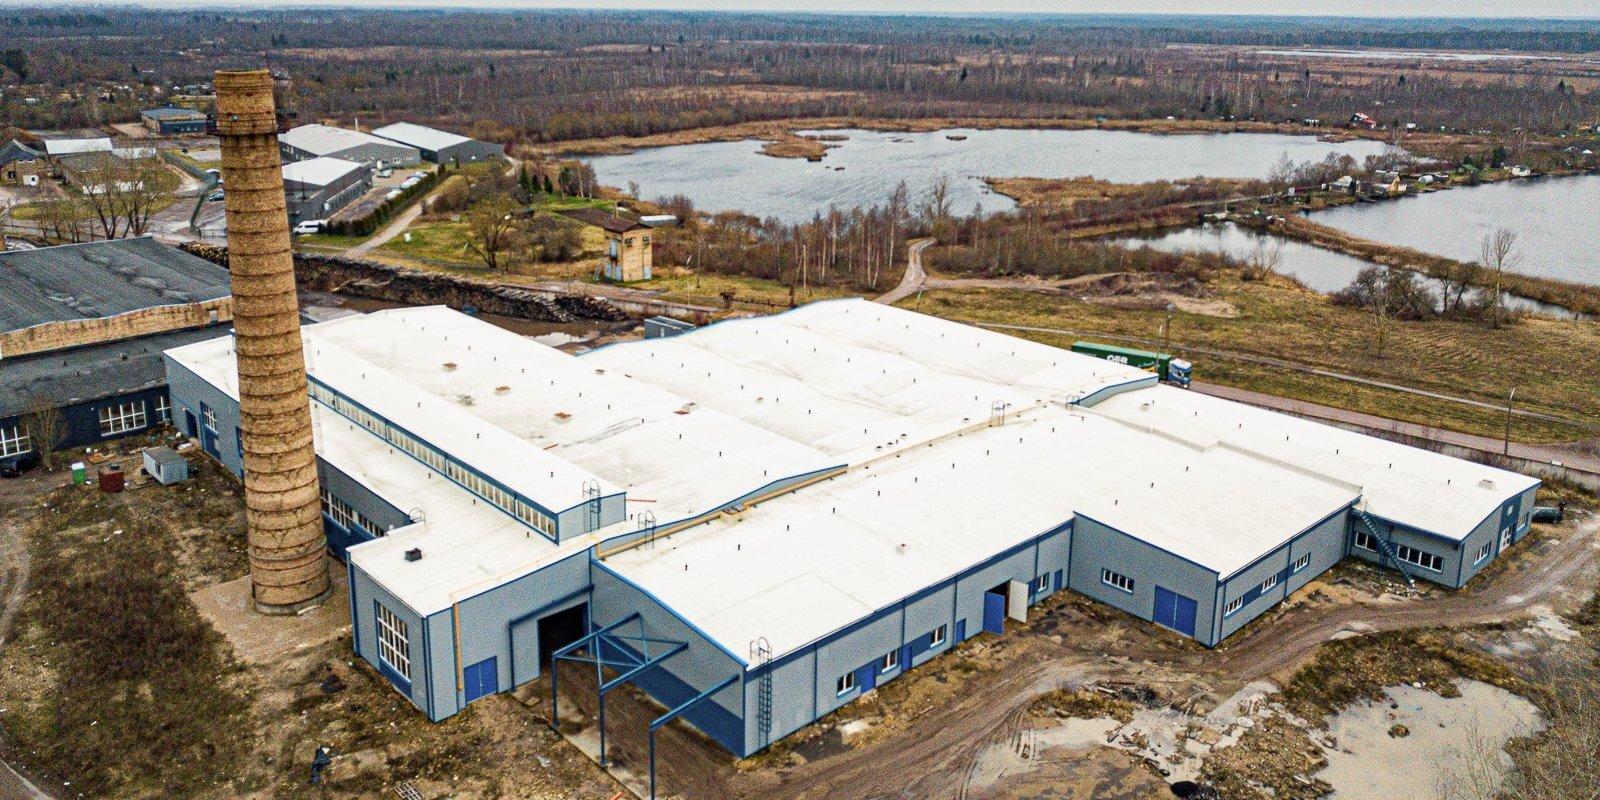 Новые рабочие места или риск кислотных дождей? На берегу Лиелупе планируют построить завод по переработке аккумуляторов